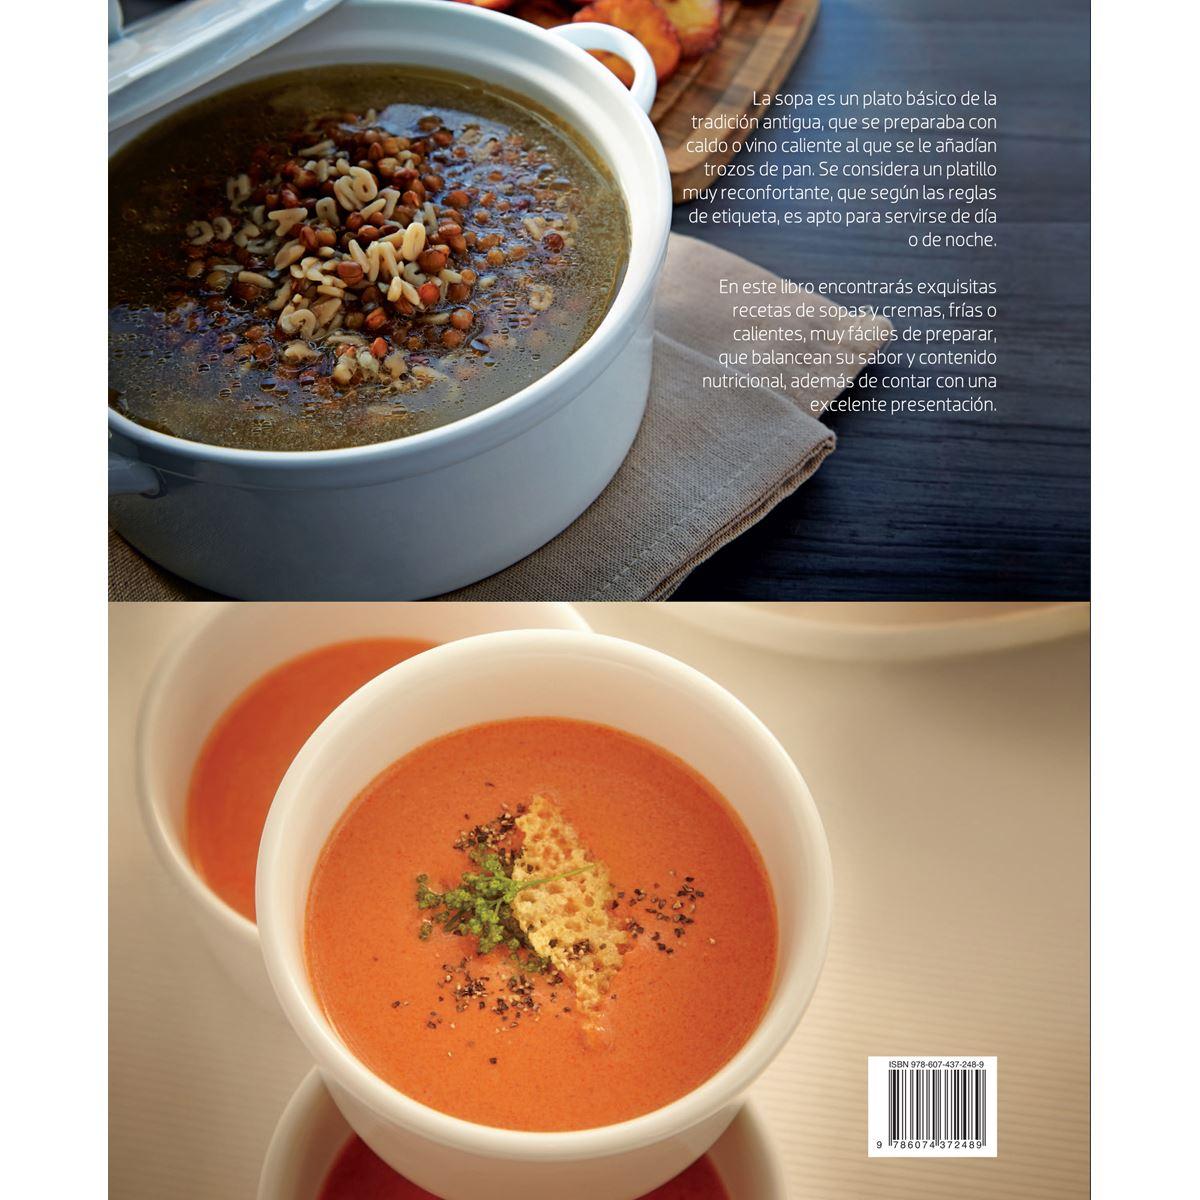 Cocina esencial, cremas y sopas